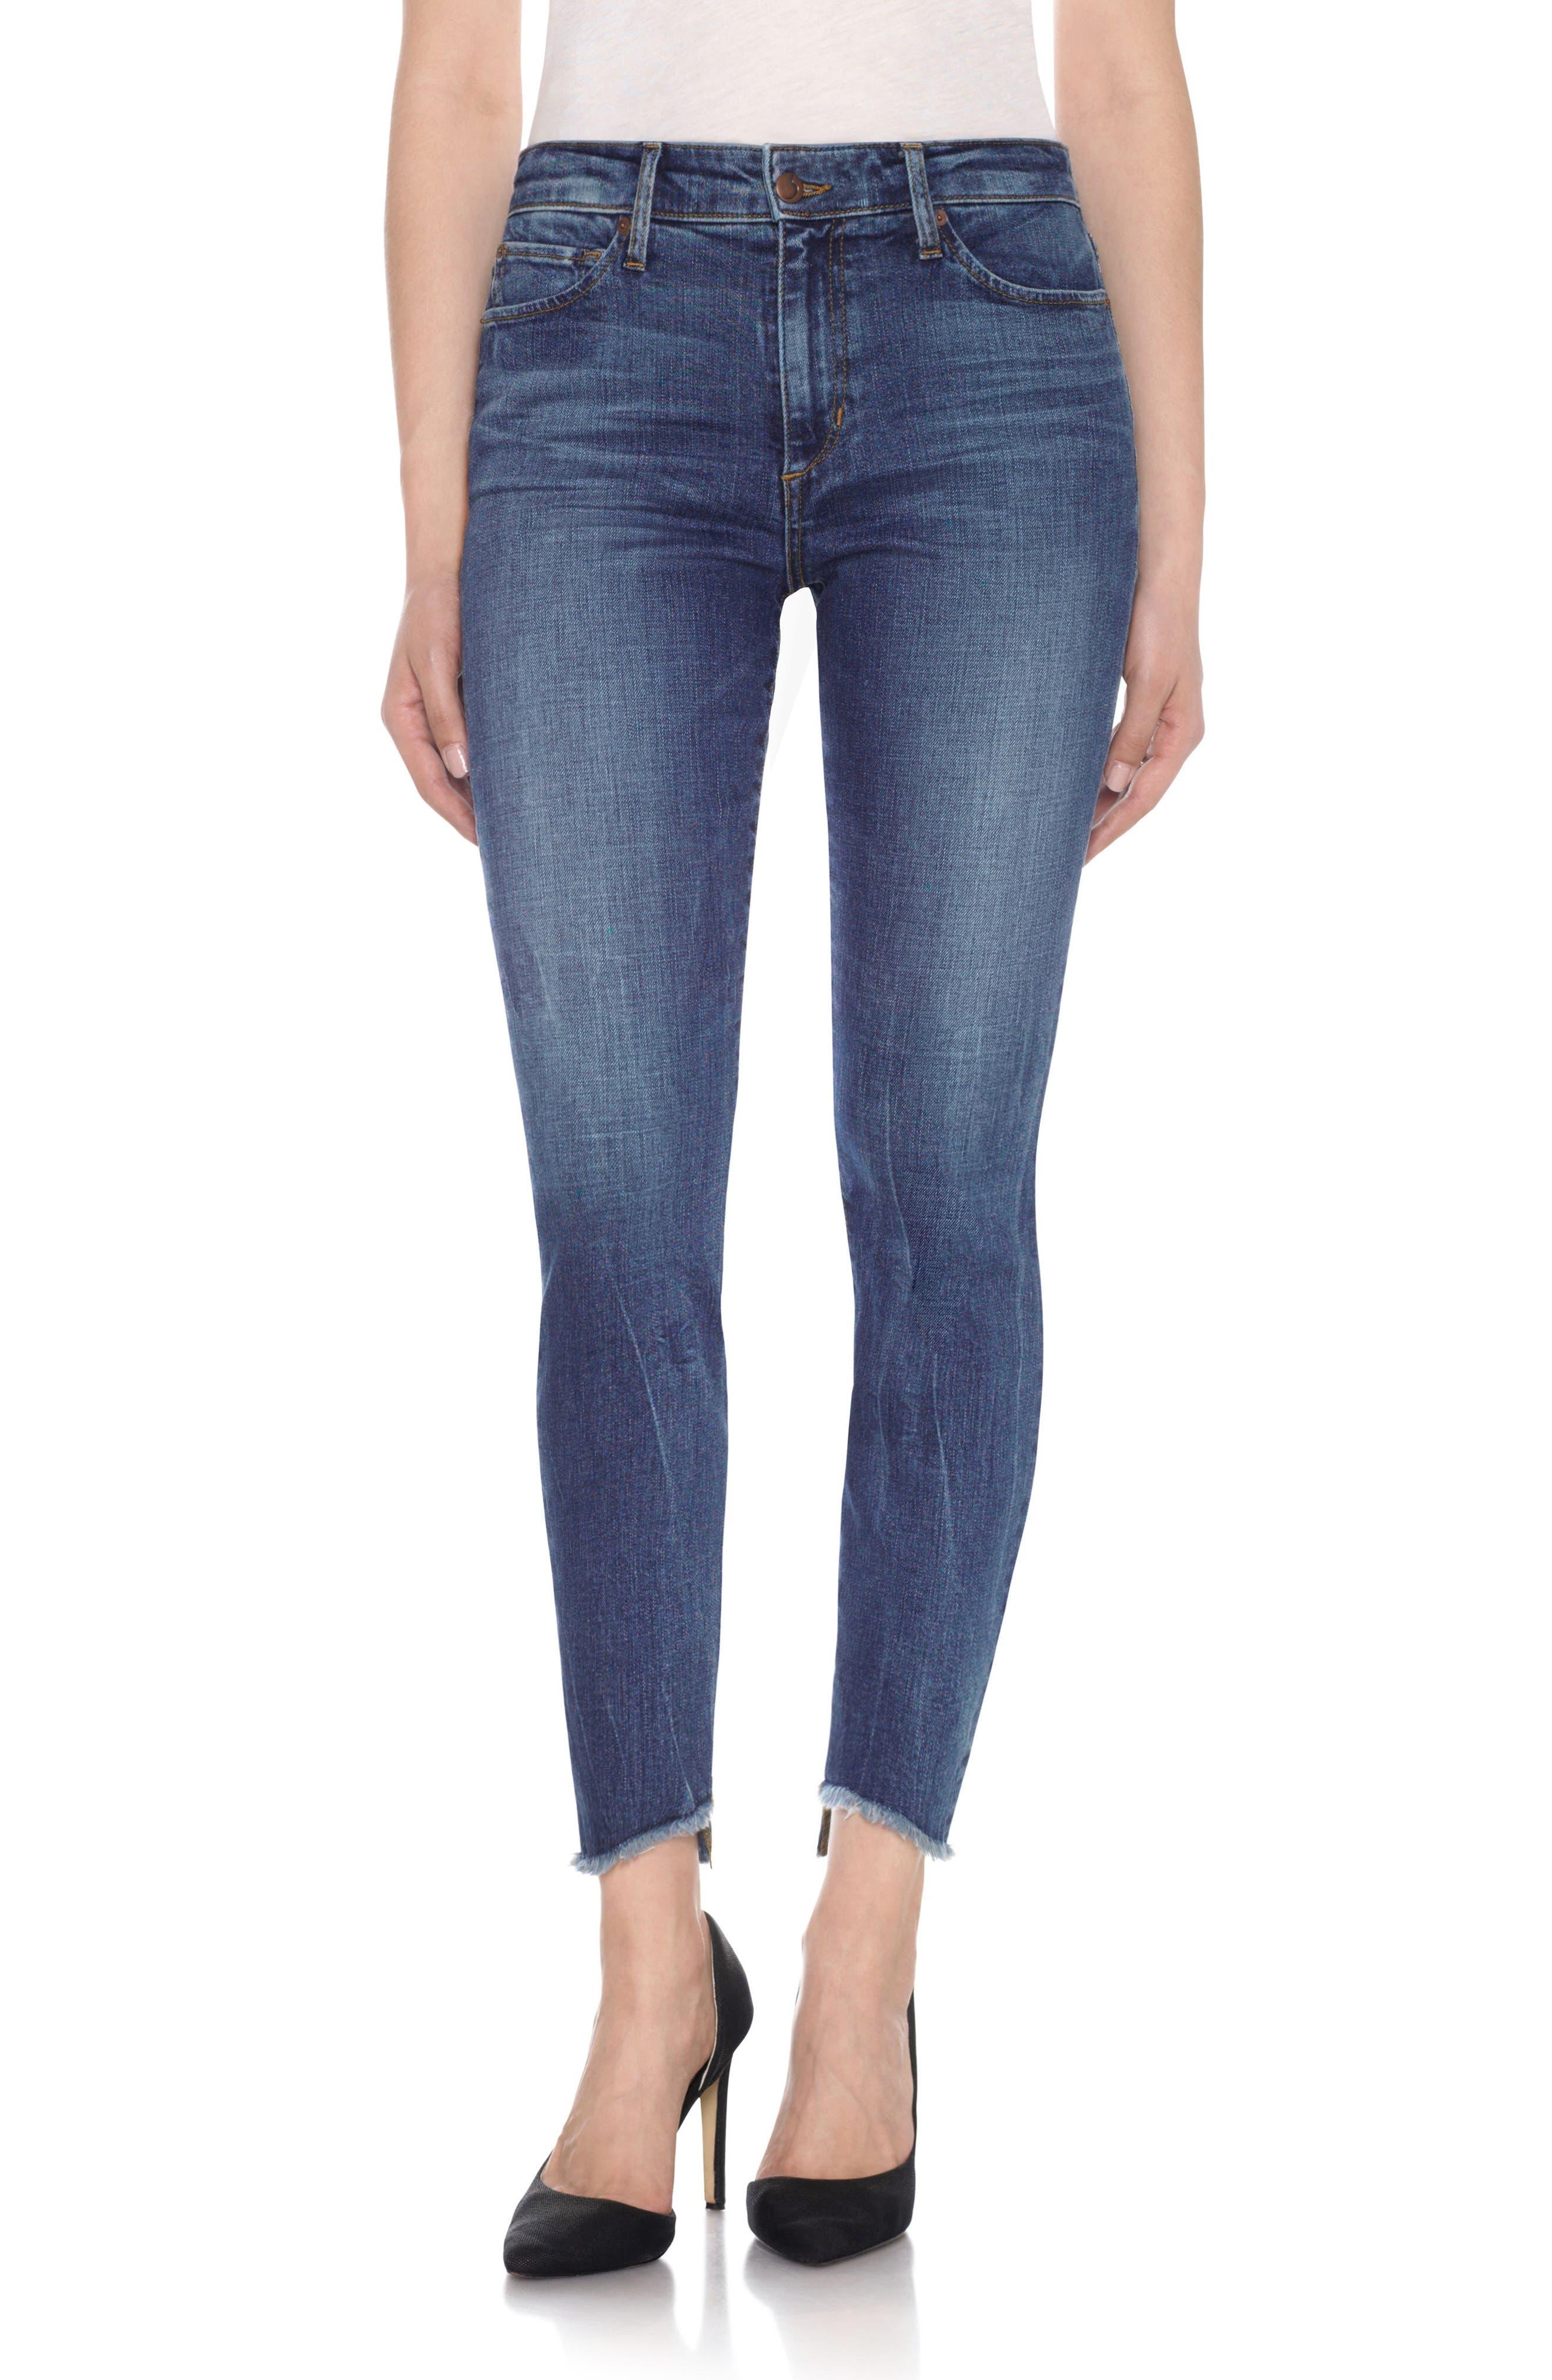 Alternate Image 1 Selected - Joe's Charlie - Blondie High Rise Ankle Skinny Jeans (Kody)